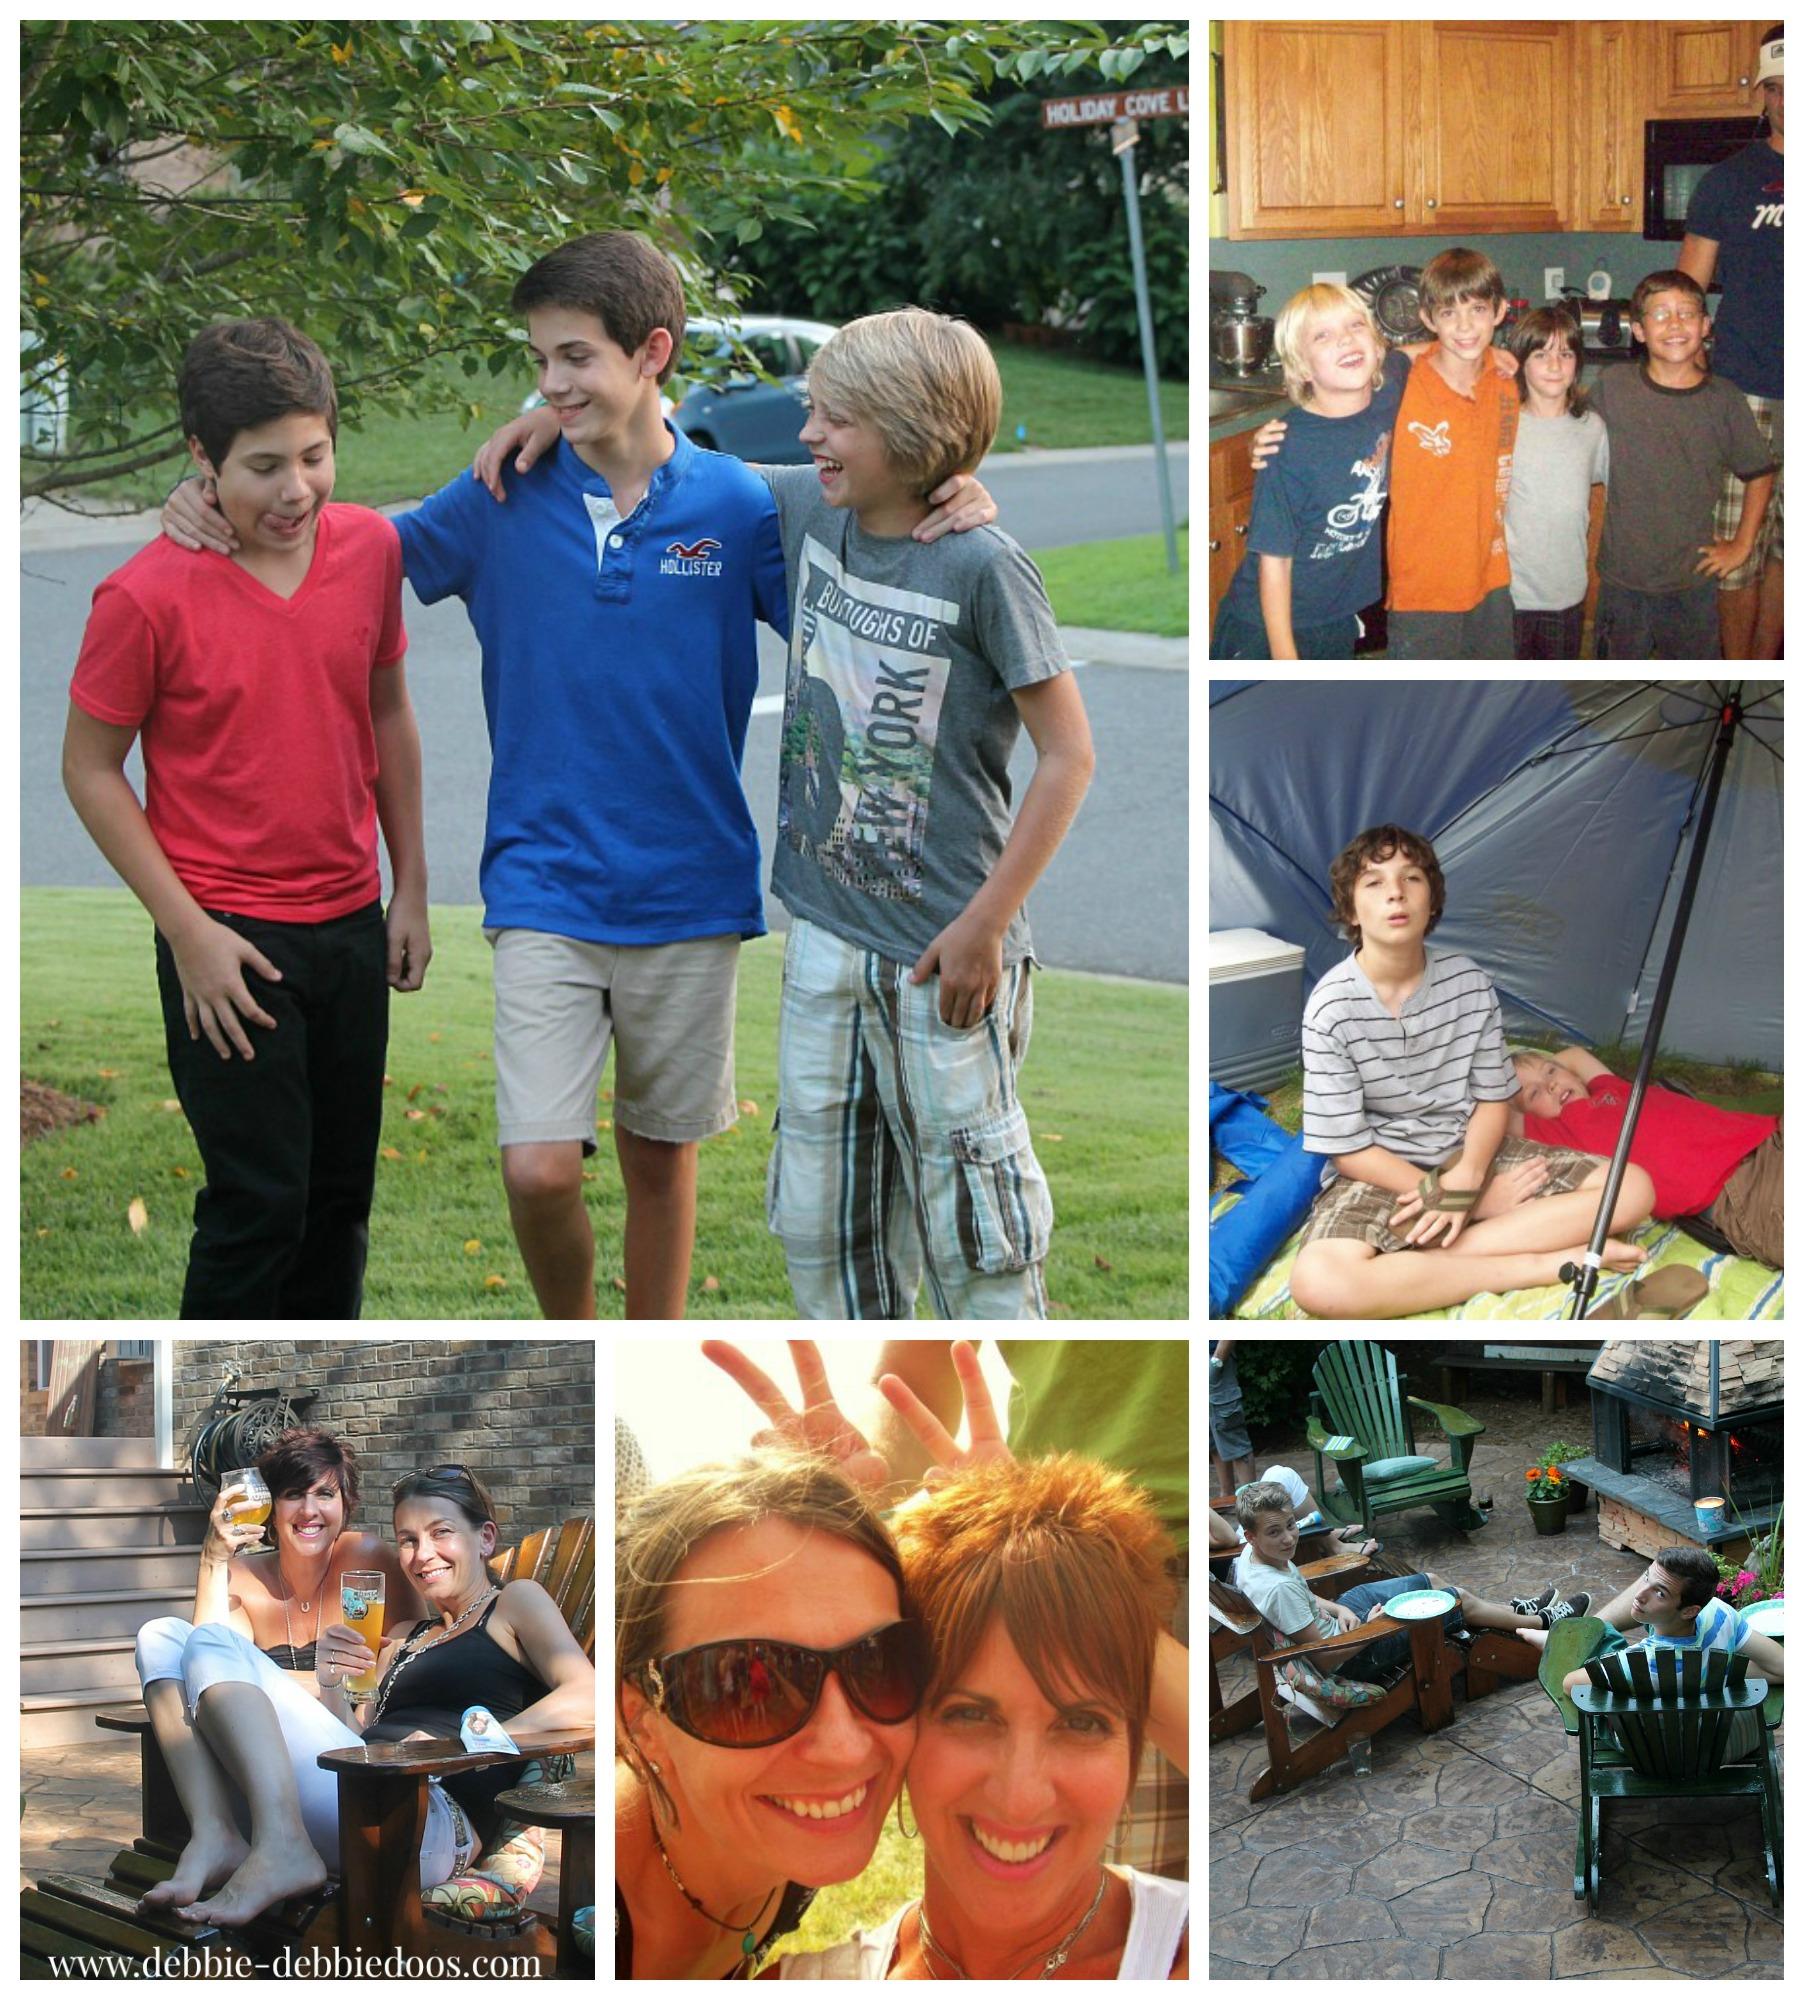 Fun time collage